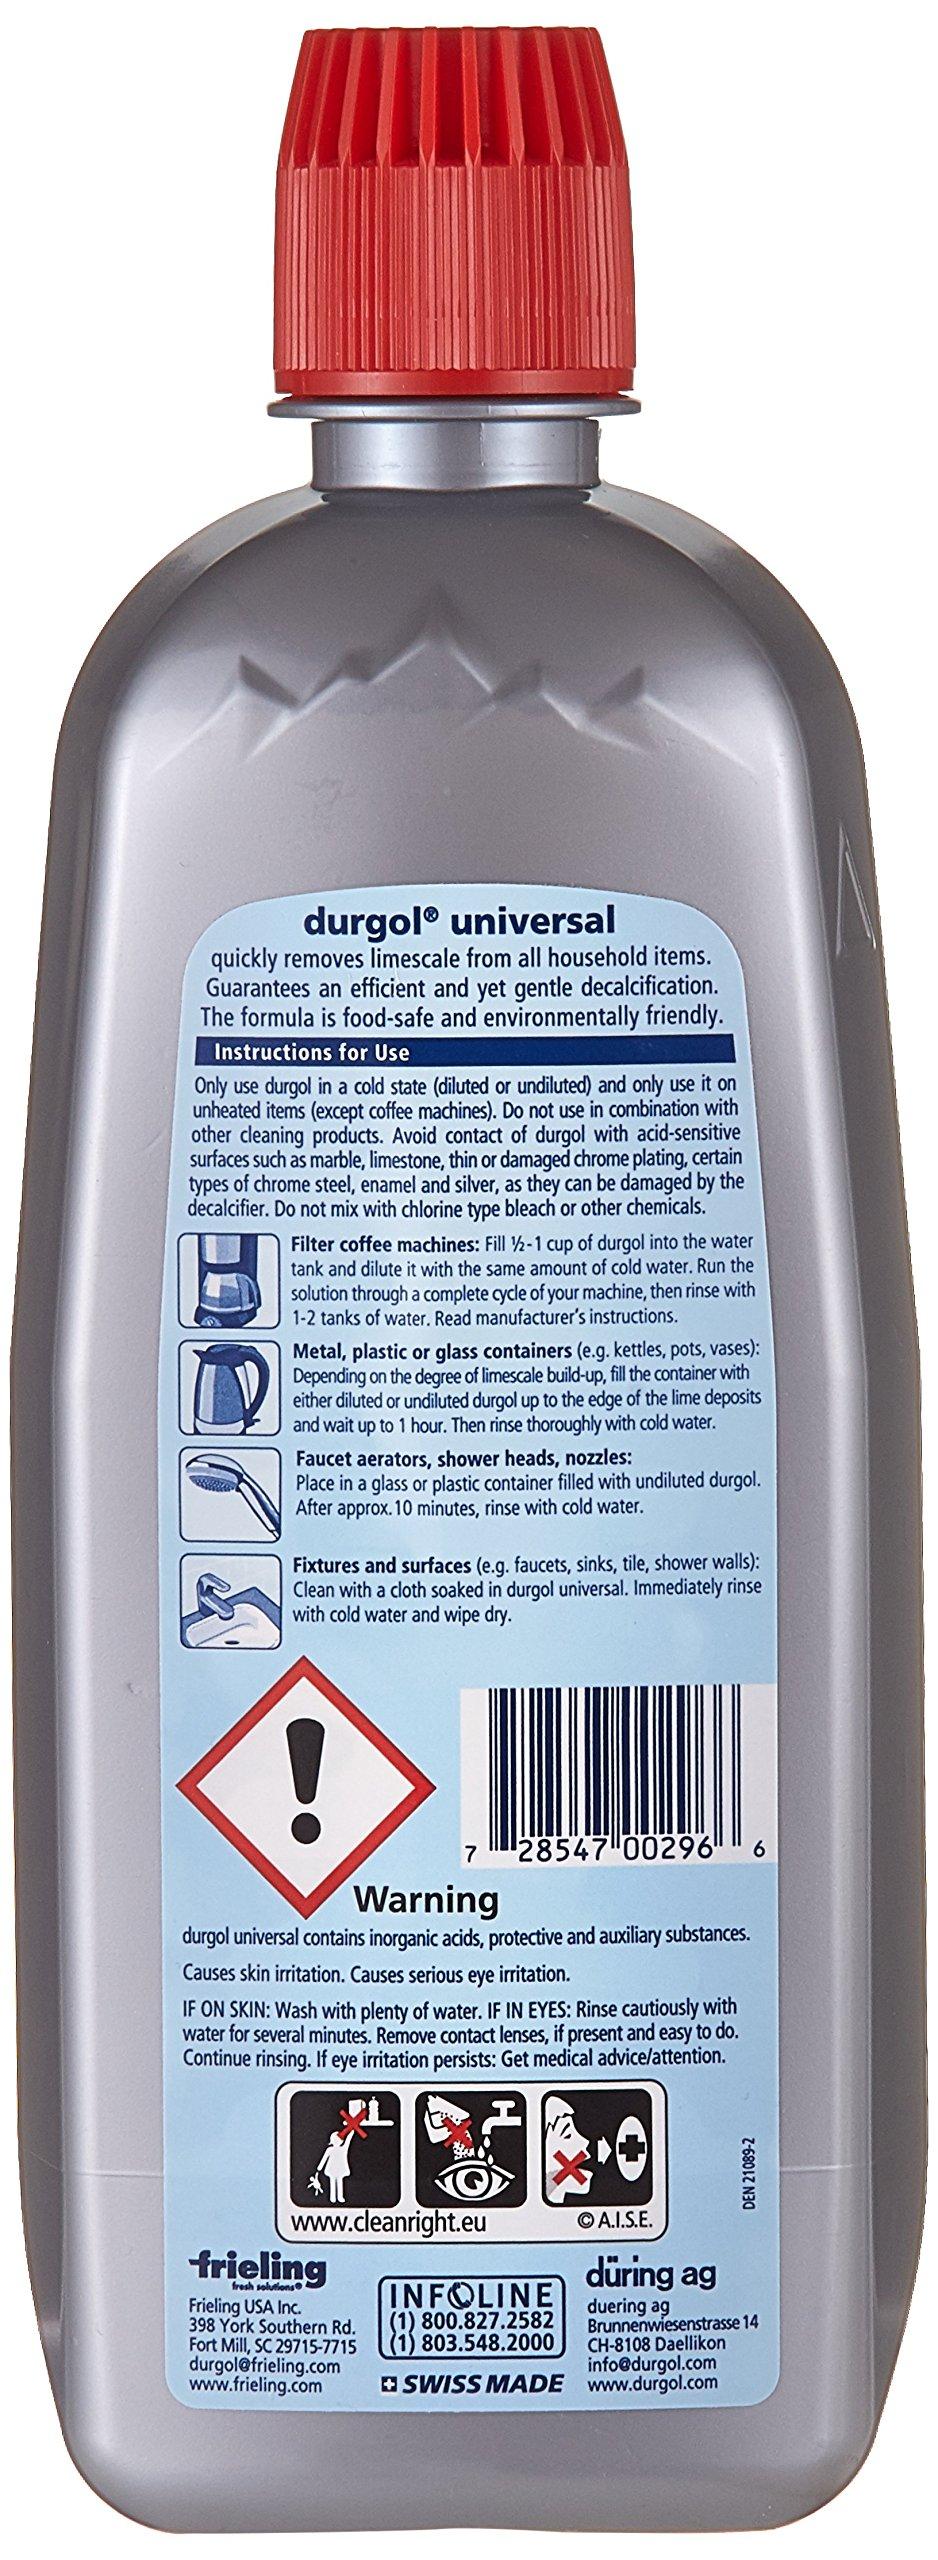 Durgol 0296 Universal Express Multipurpose Descaler/Decalcifier, 16.9 Fluid Ounce Bottle Blue by Durgol (Image #2)